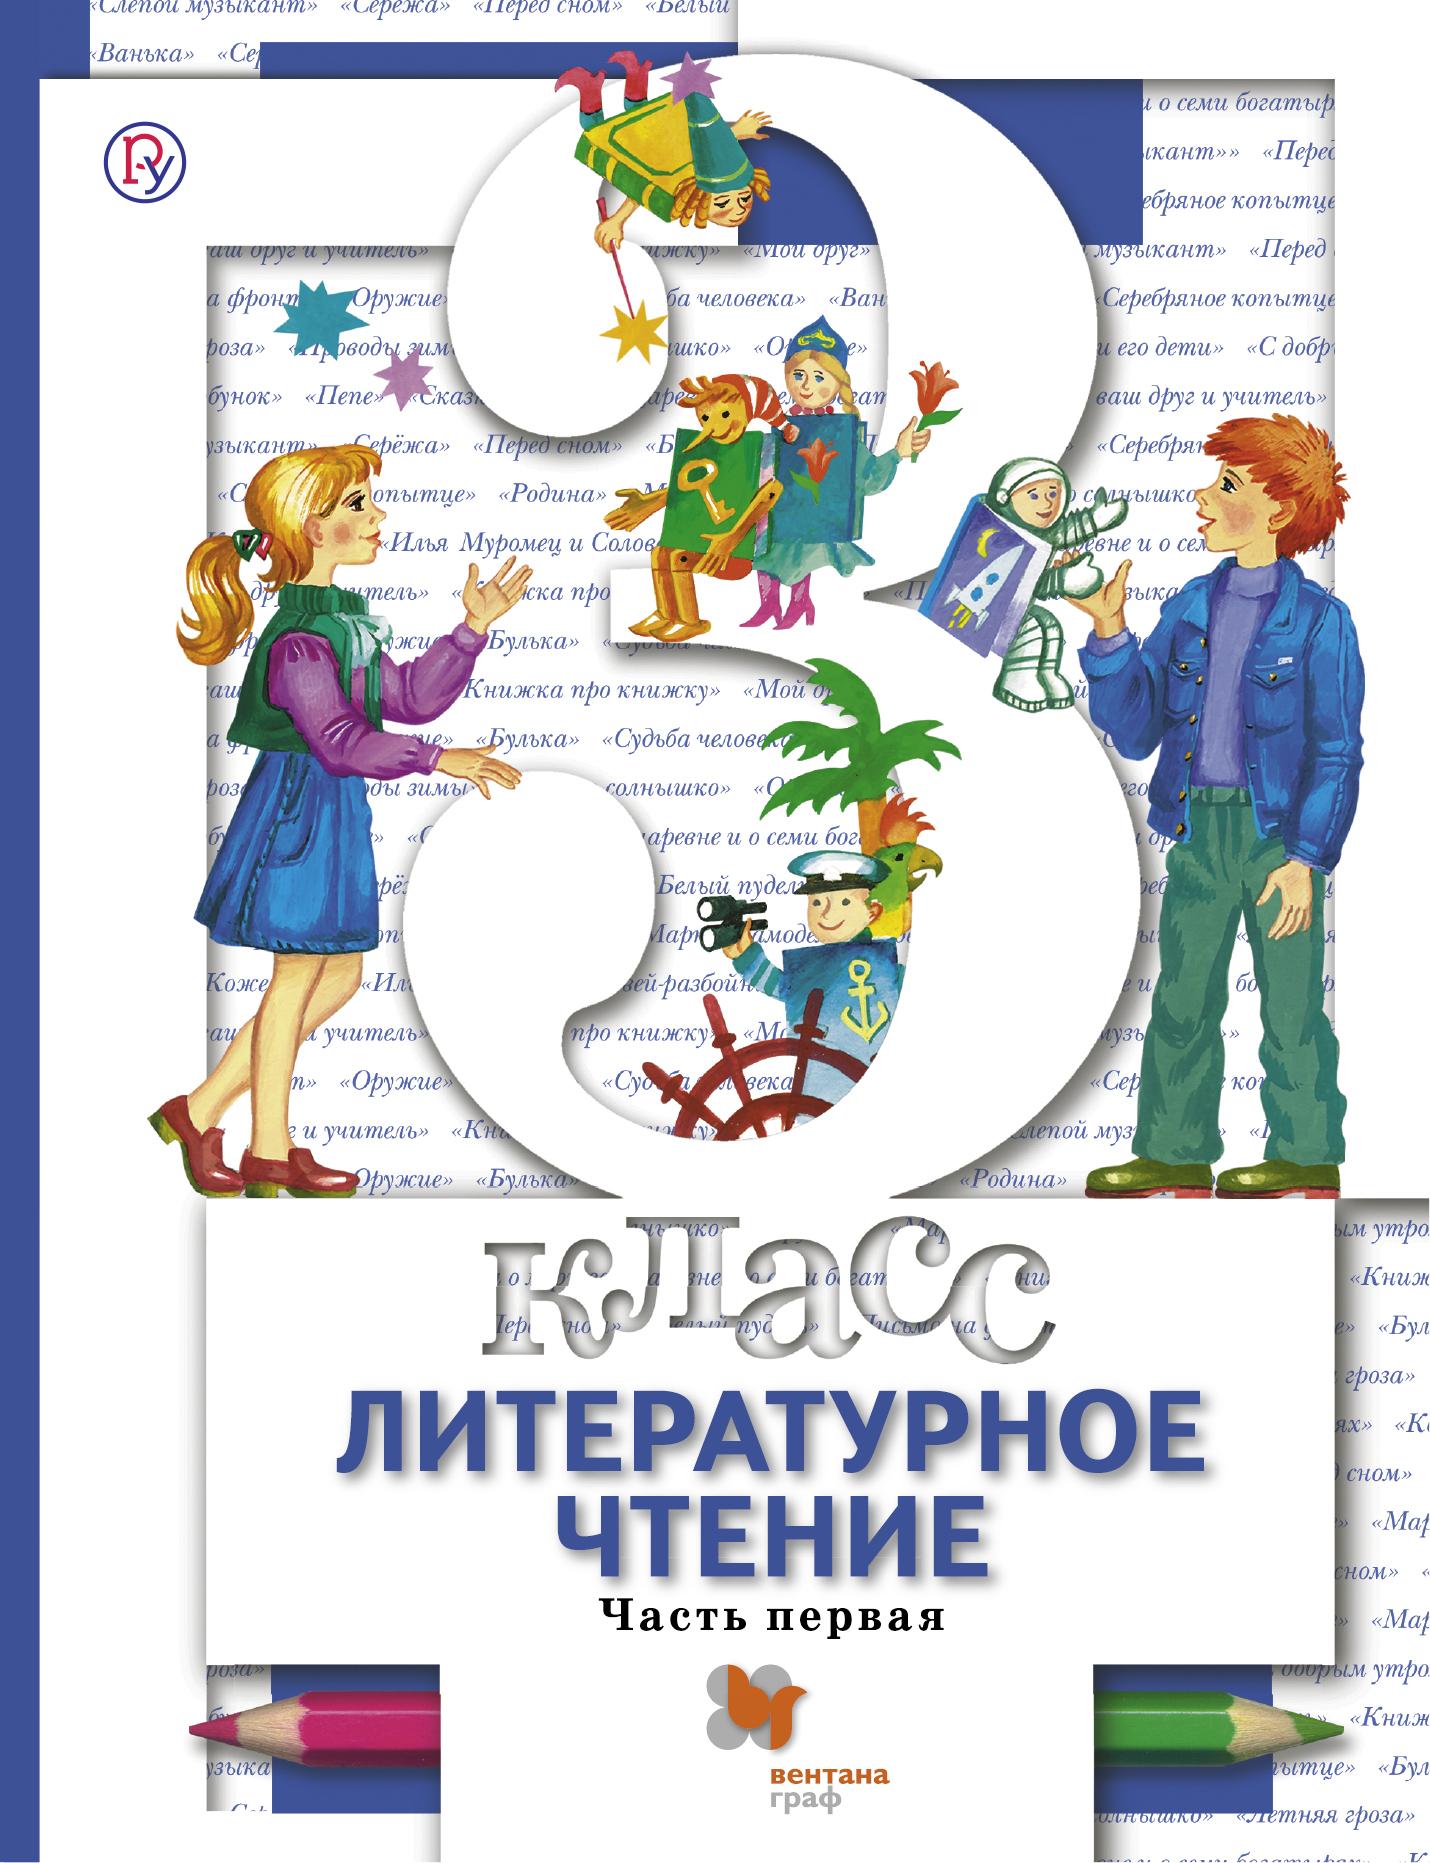 Литературное чтение. 3кл. Учебник Ч.1